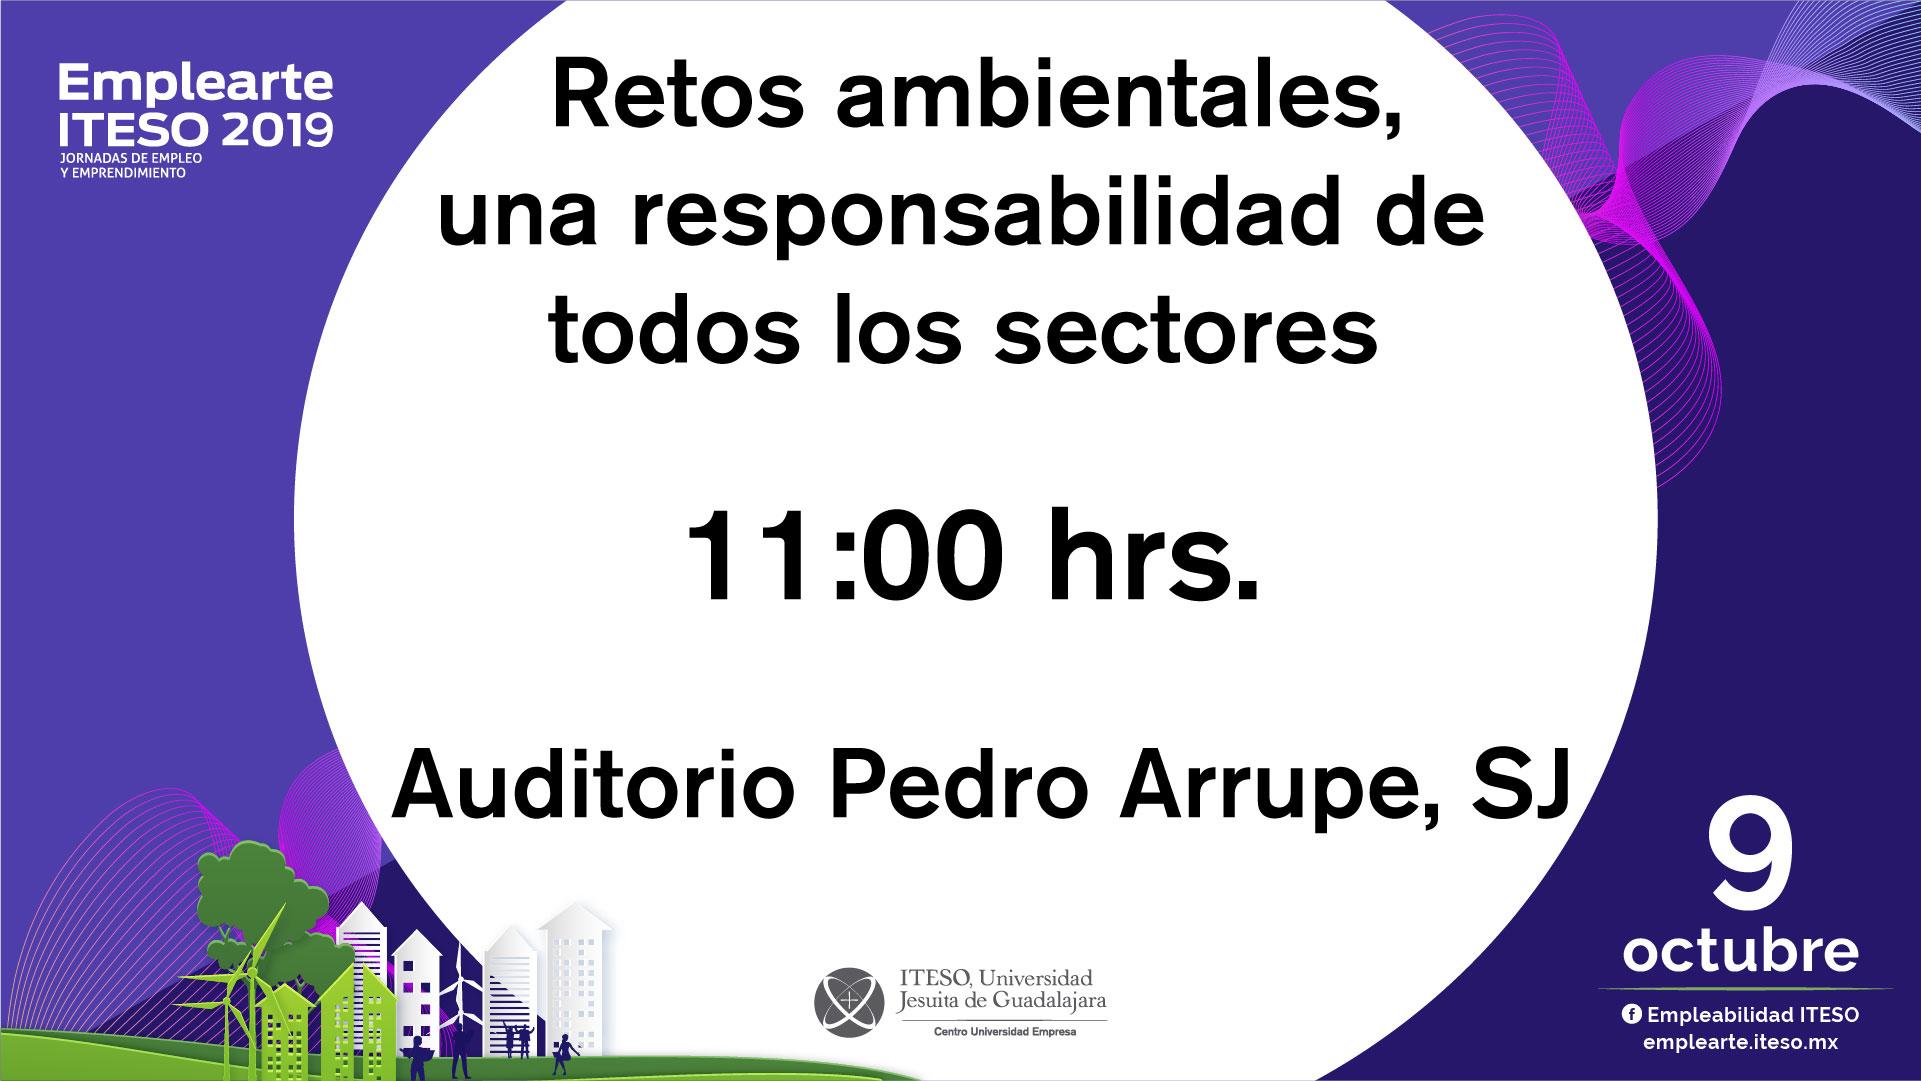 02-Retos-ambientales-miércoles-09.jpg